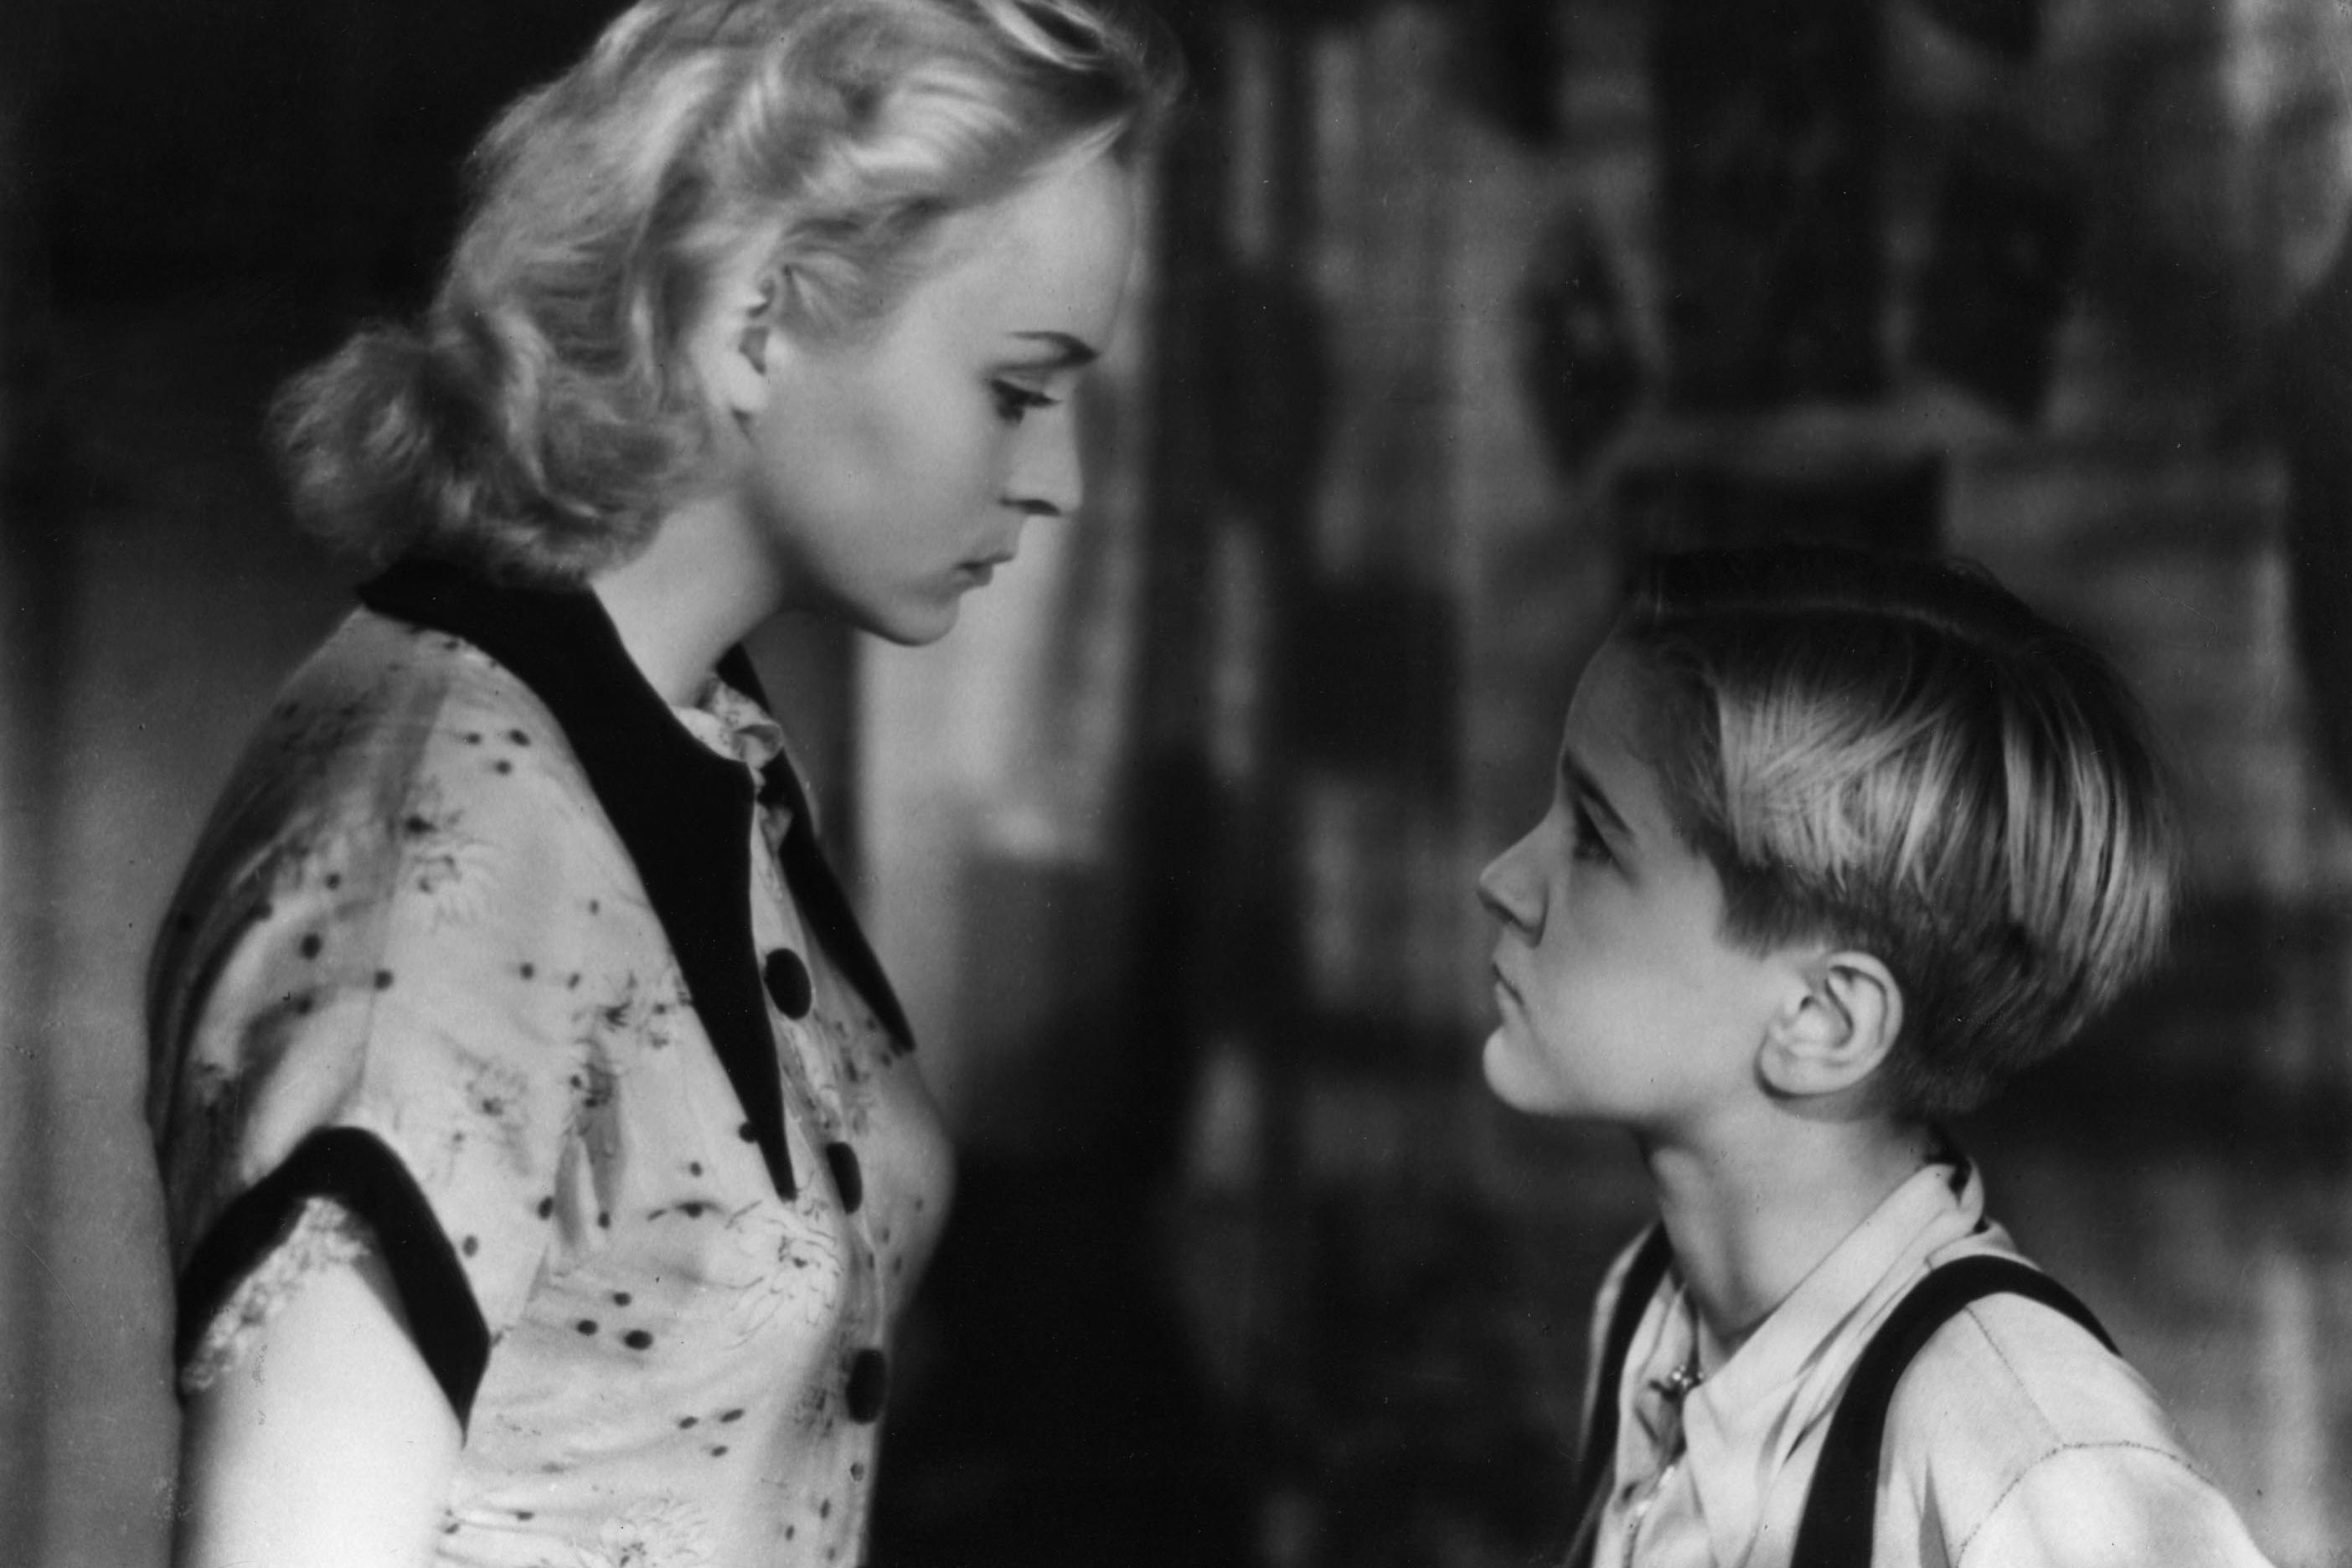 'Germany Year Zero' (1948) is directed by Italian filmmakerRoberto Rossellini